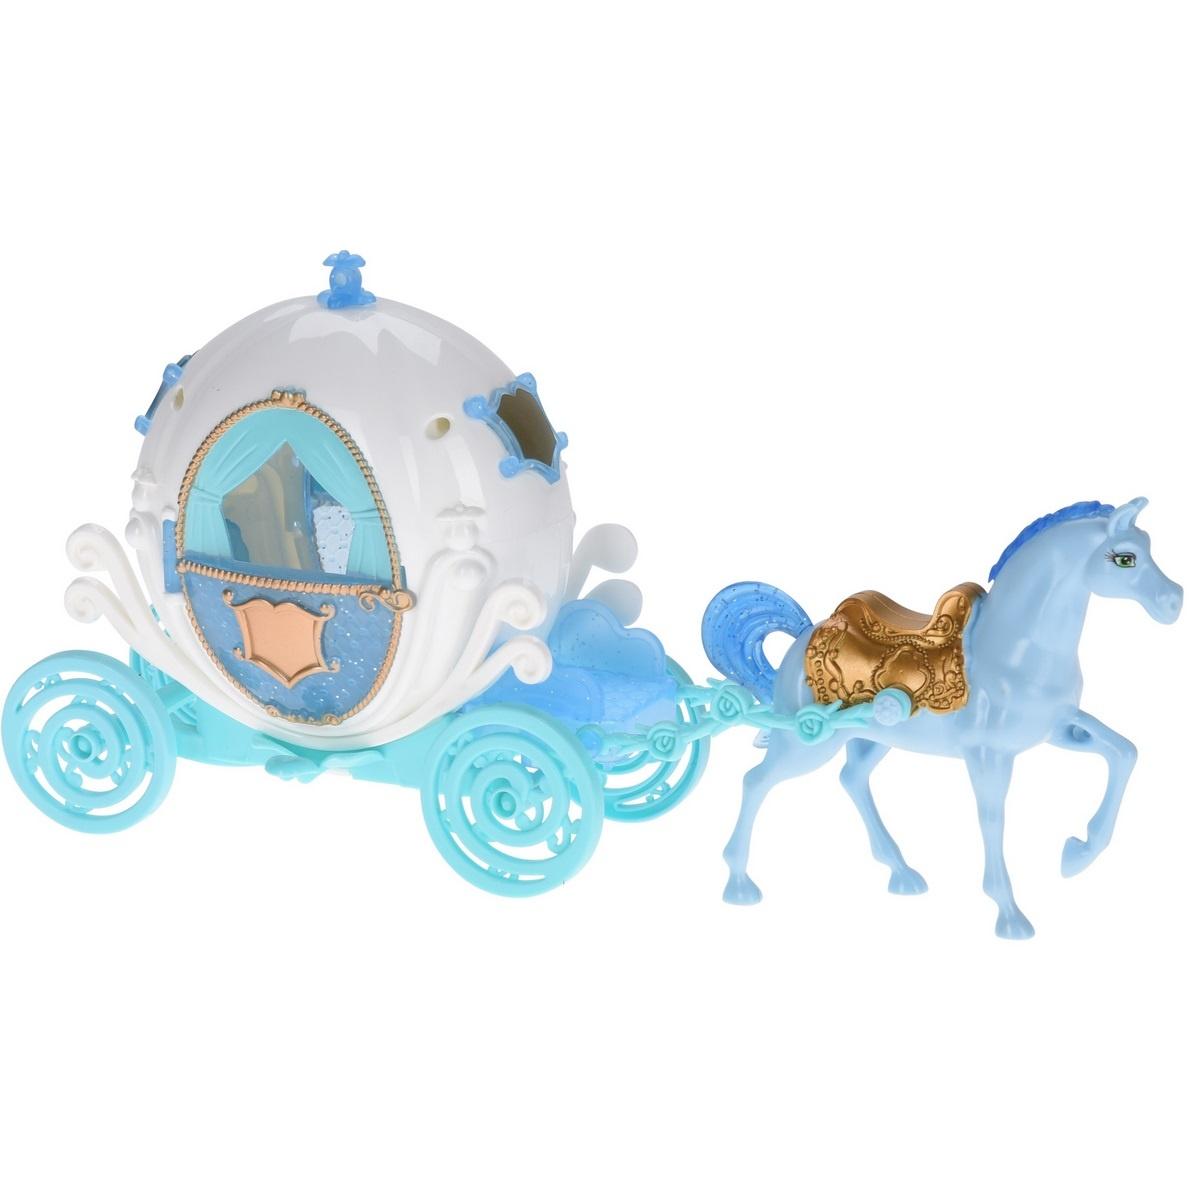 Dětský hrací set Princeznin kočár, 2 ks